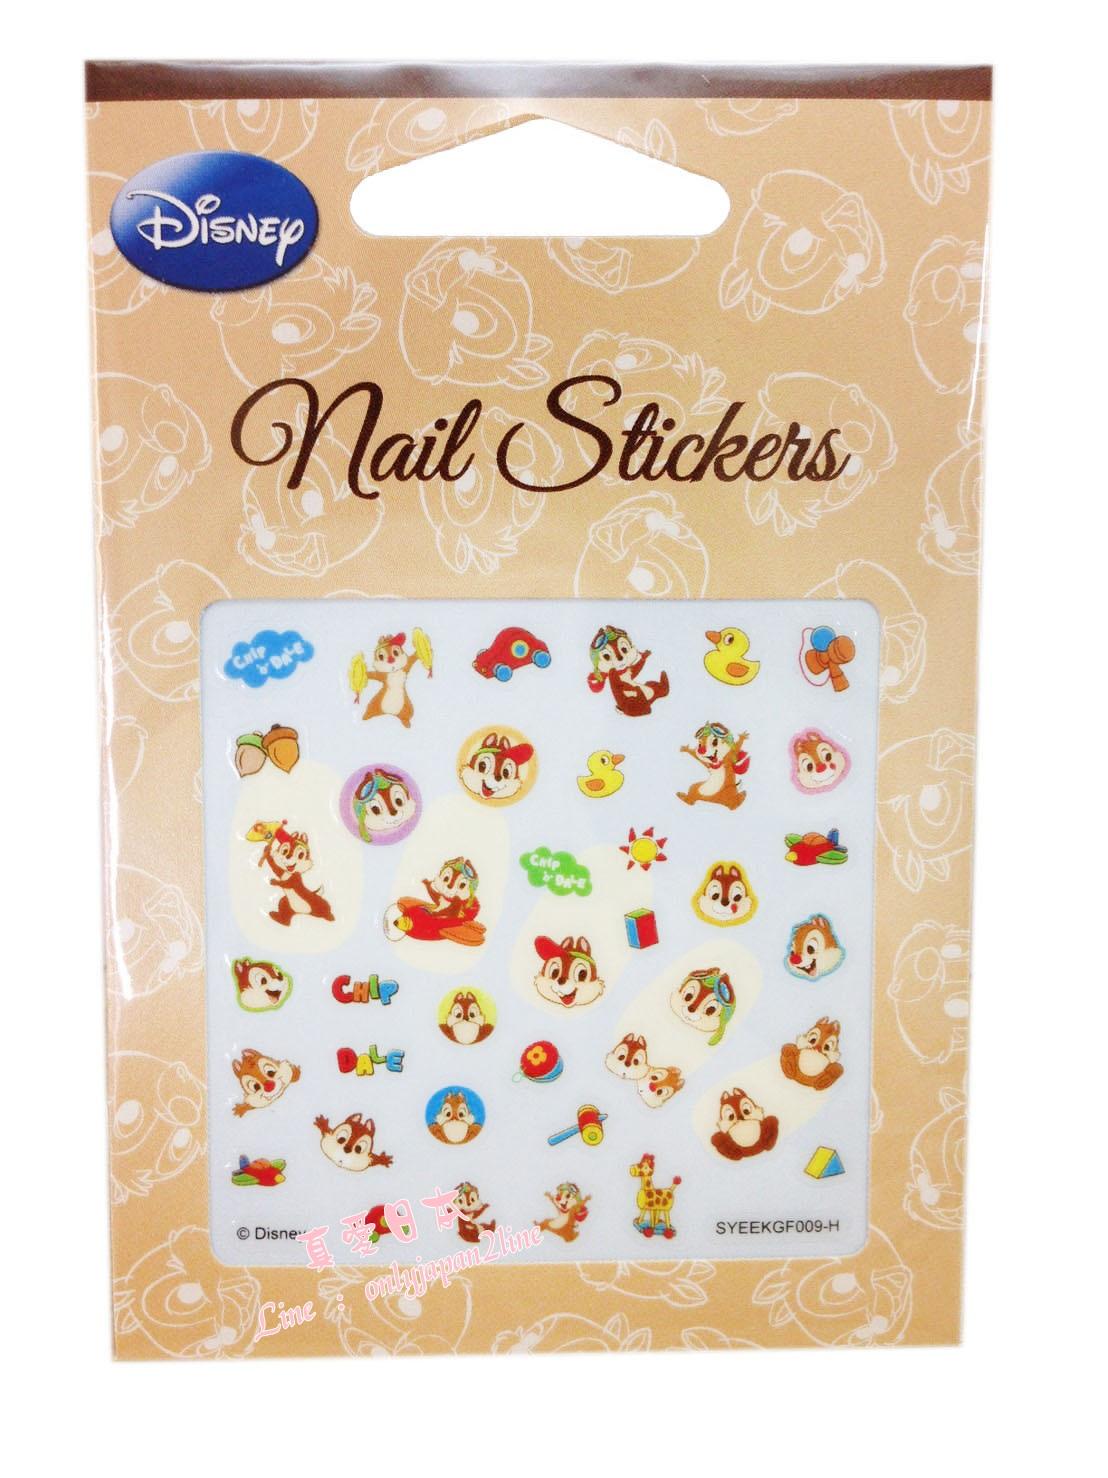 【真愛日本】16080600008彩繪美甲貼-玩具奇蒂   迪士尼 花栗鼠 奇奇蒂蒂 松鼠 指甲彩繪 貼紙